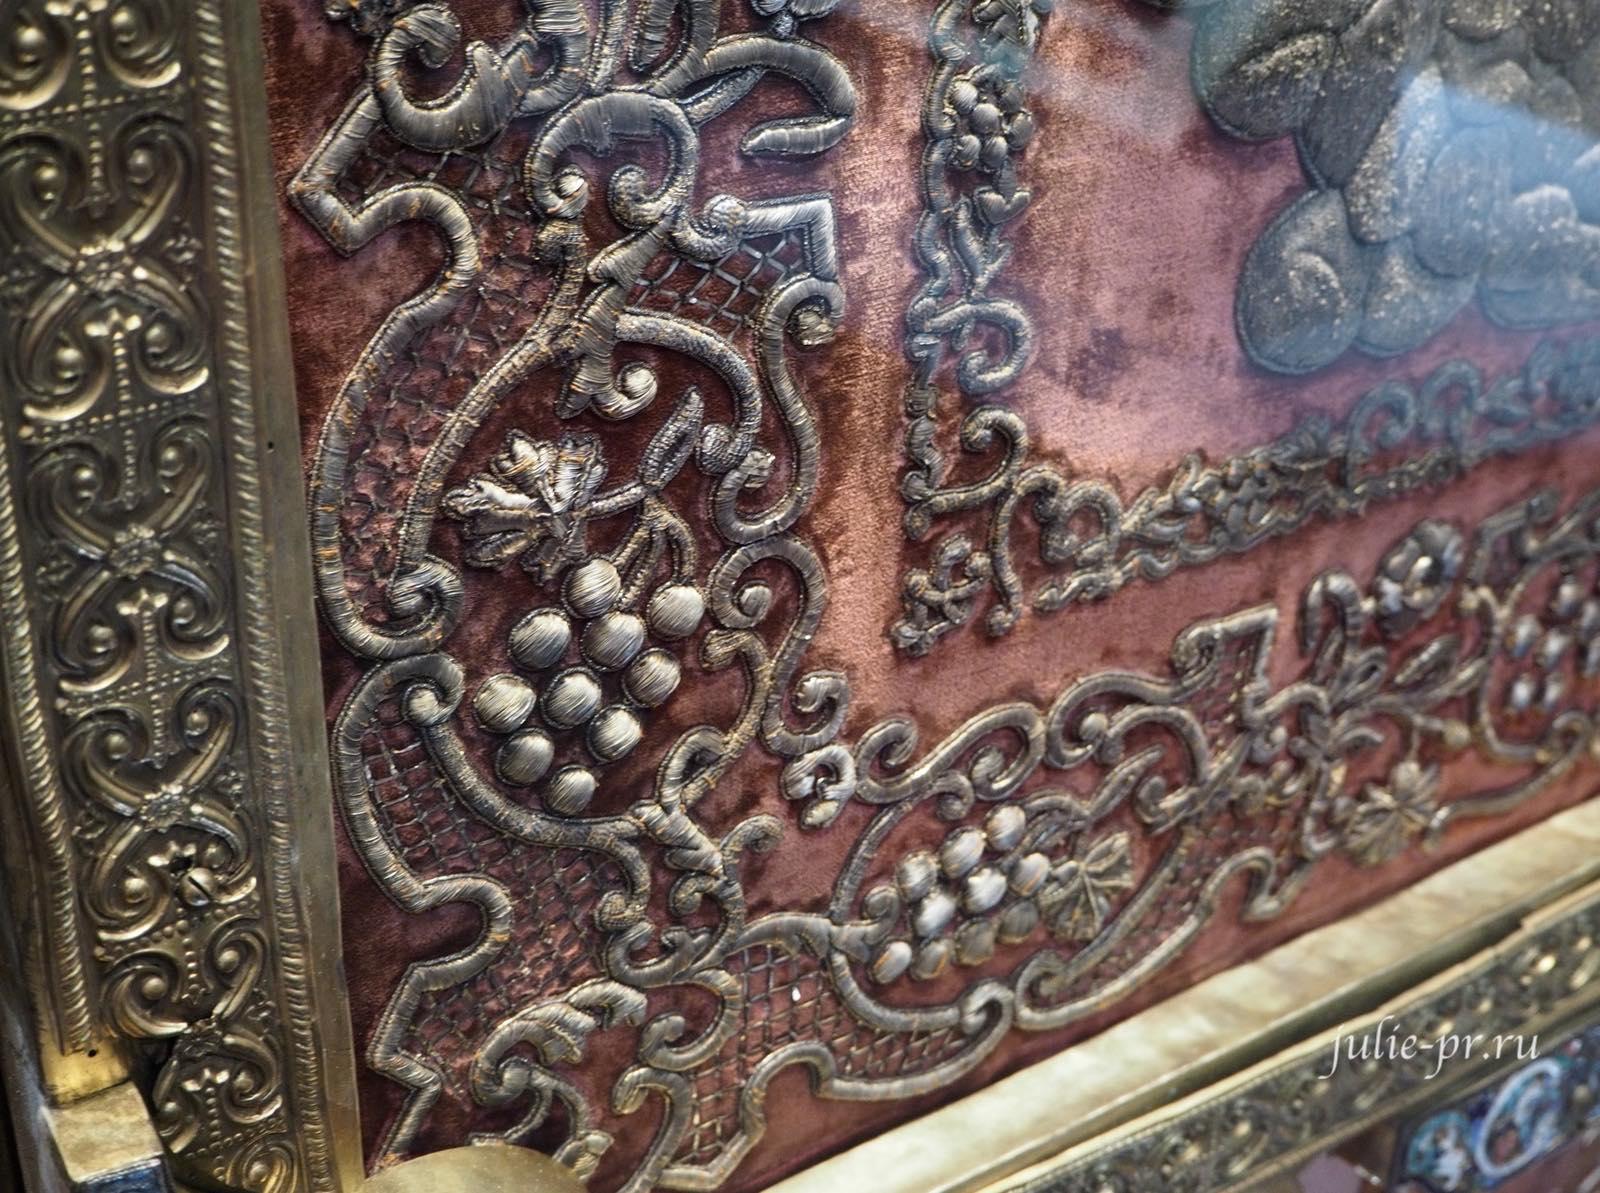 Хоругвь: объемная золотная вышивка имитирует металлический оклад